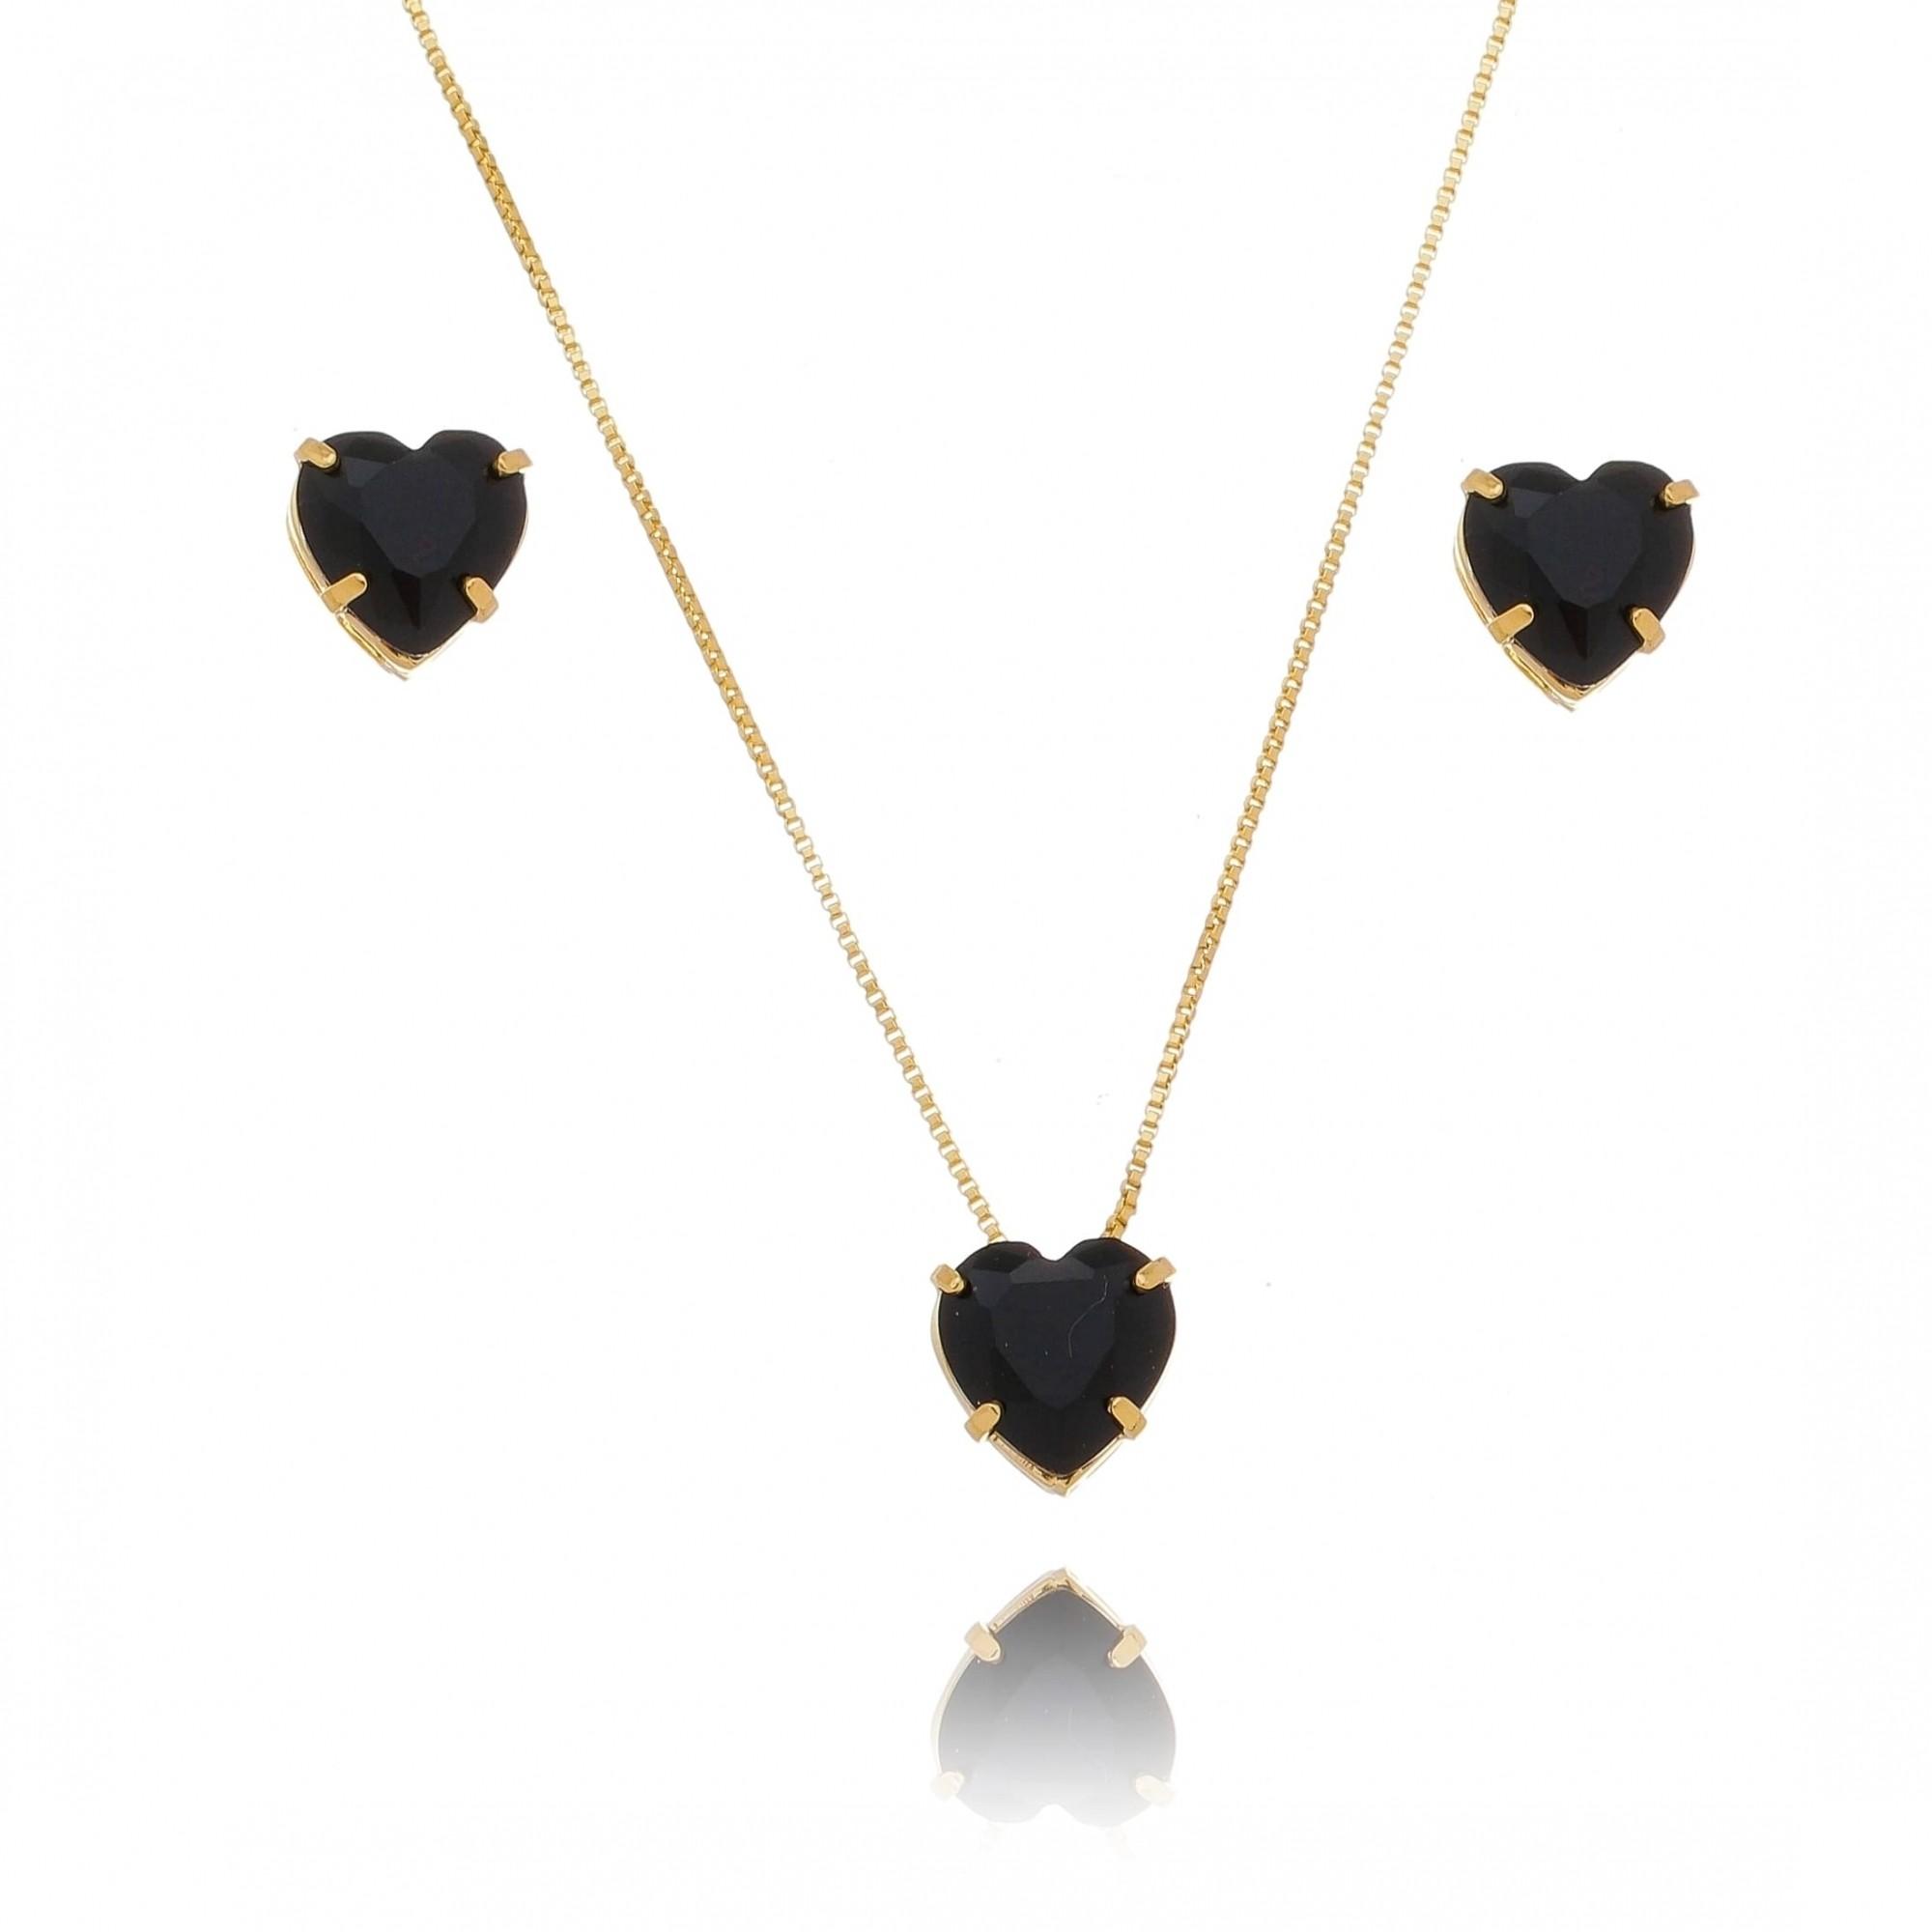 Conjunto de Colar e Brincos de Coração em Cristal Preto Folheado em Ouro 18k - Giro Semijoias